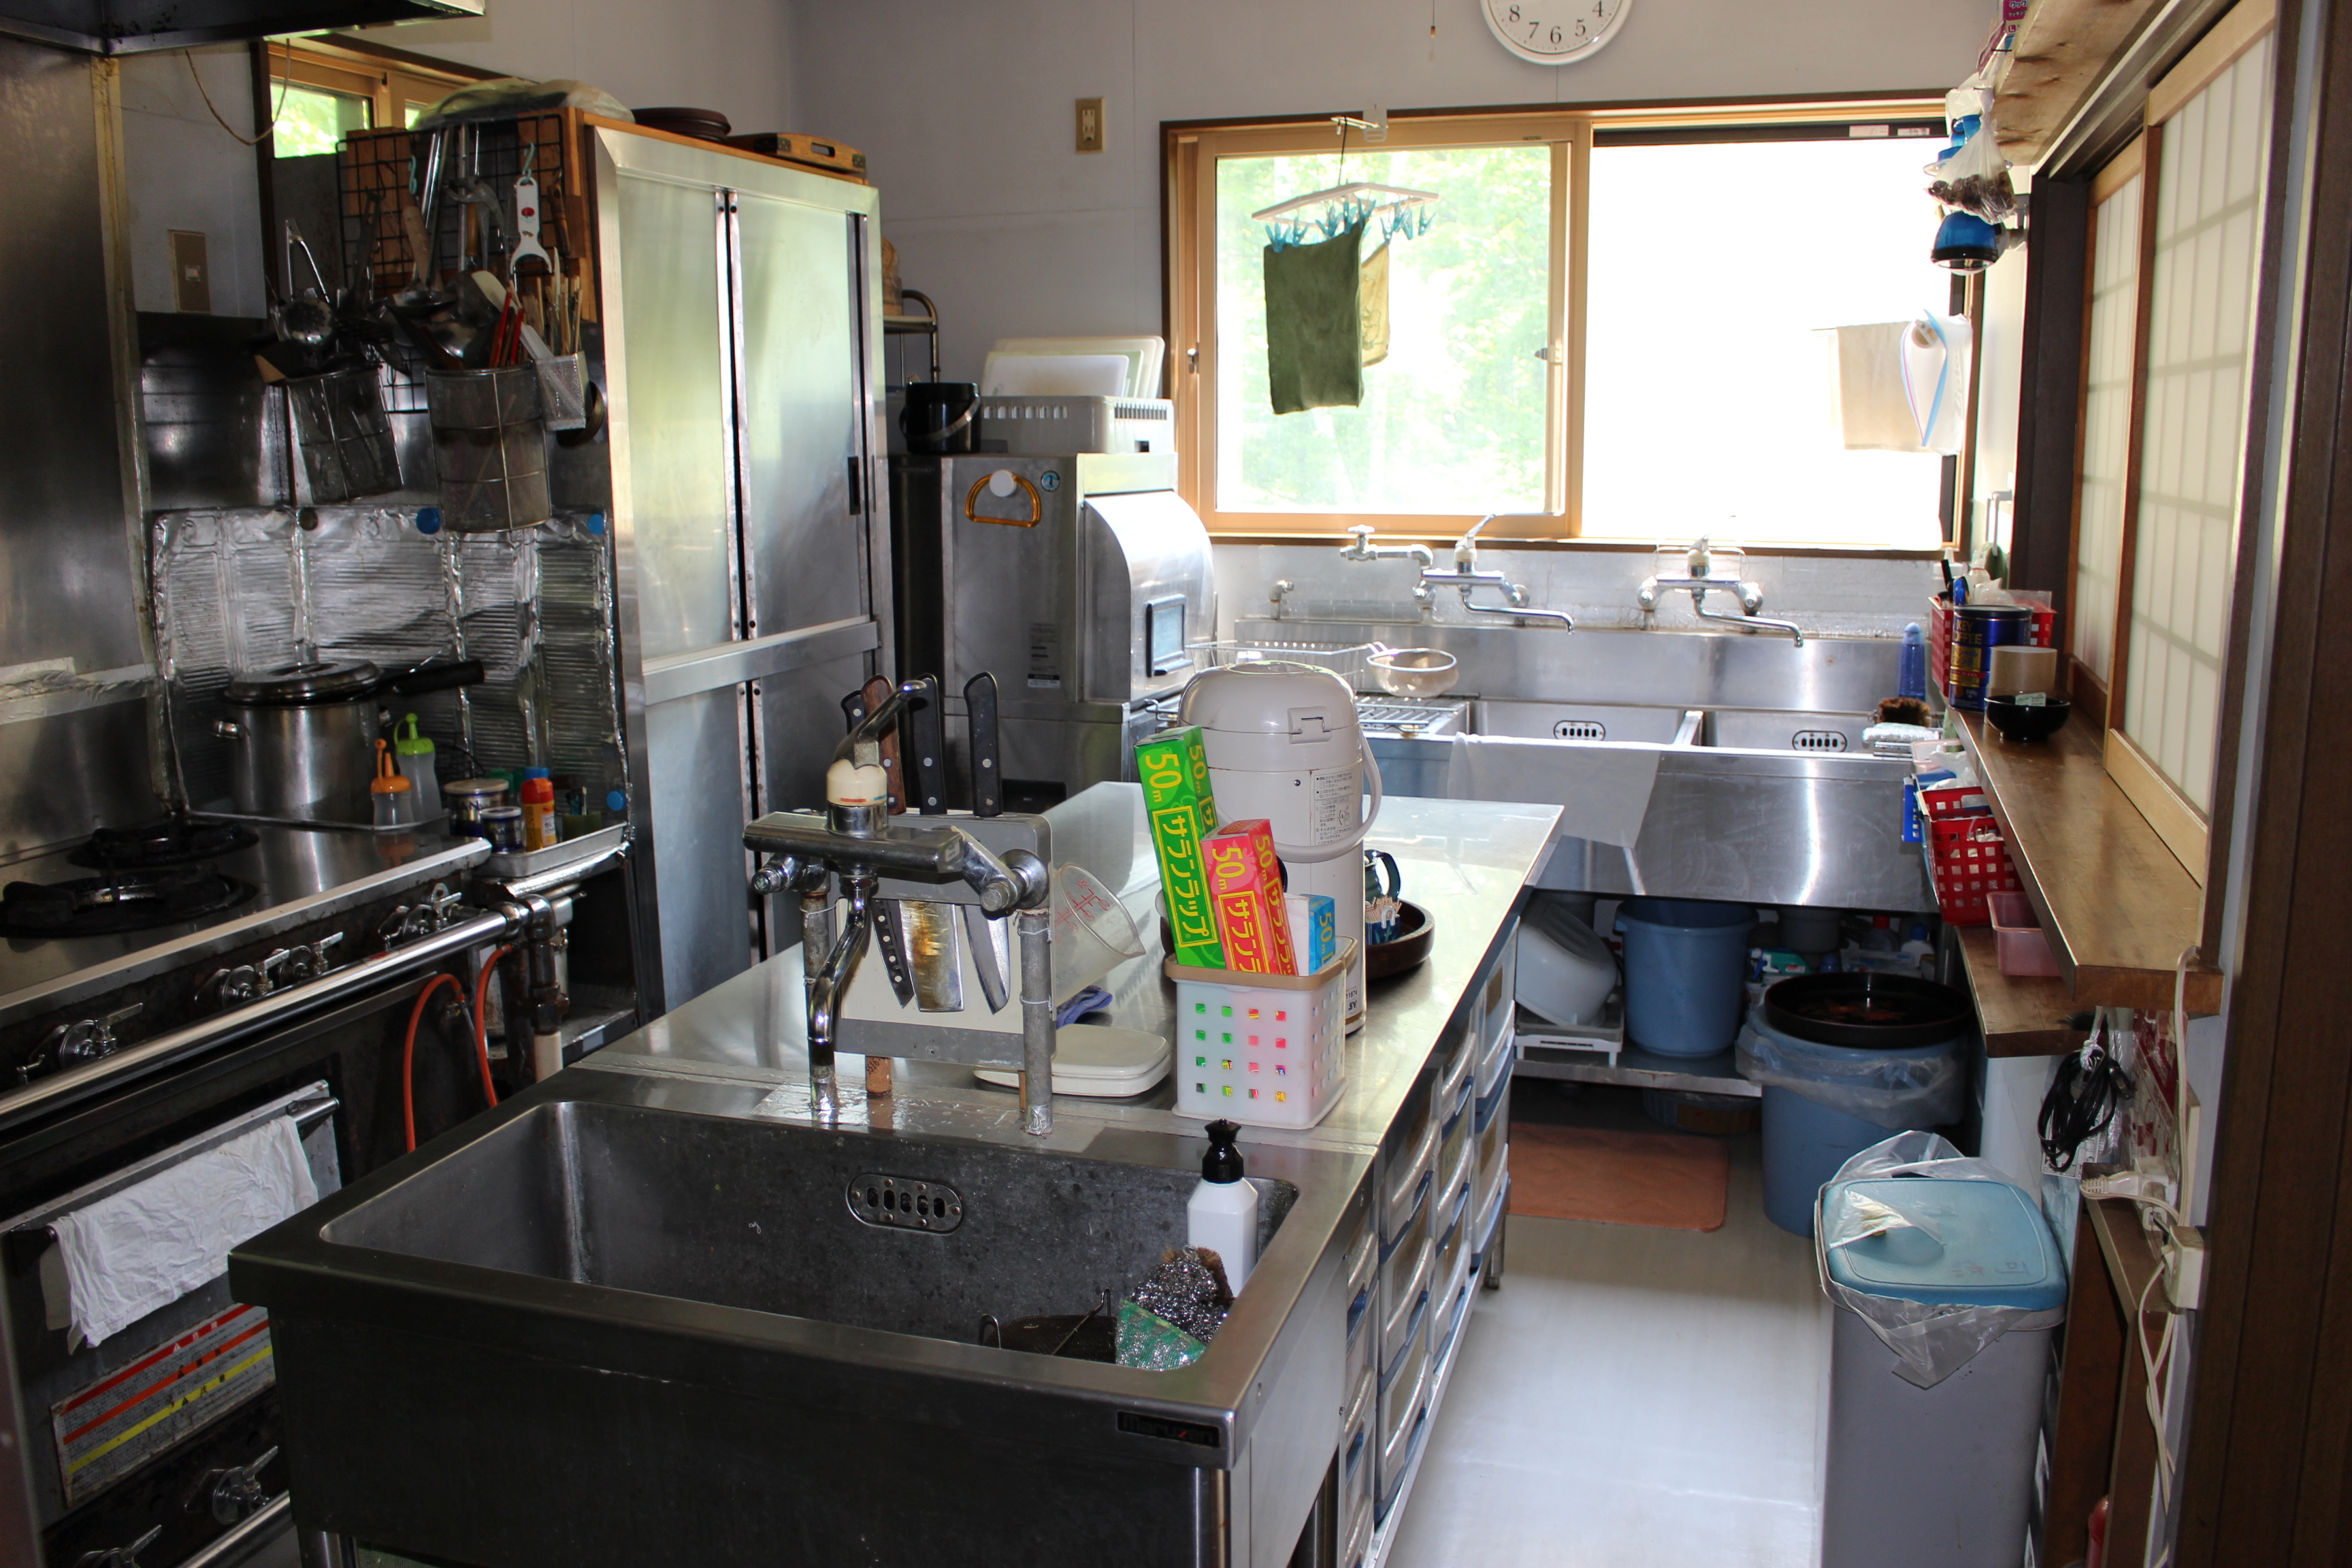 以前は宿泊施設としても使われていたので厨房は本格仕様です